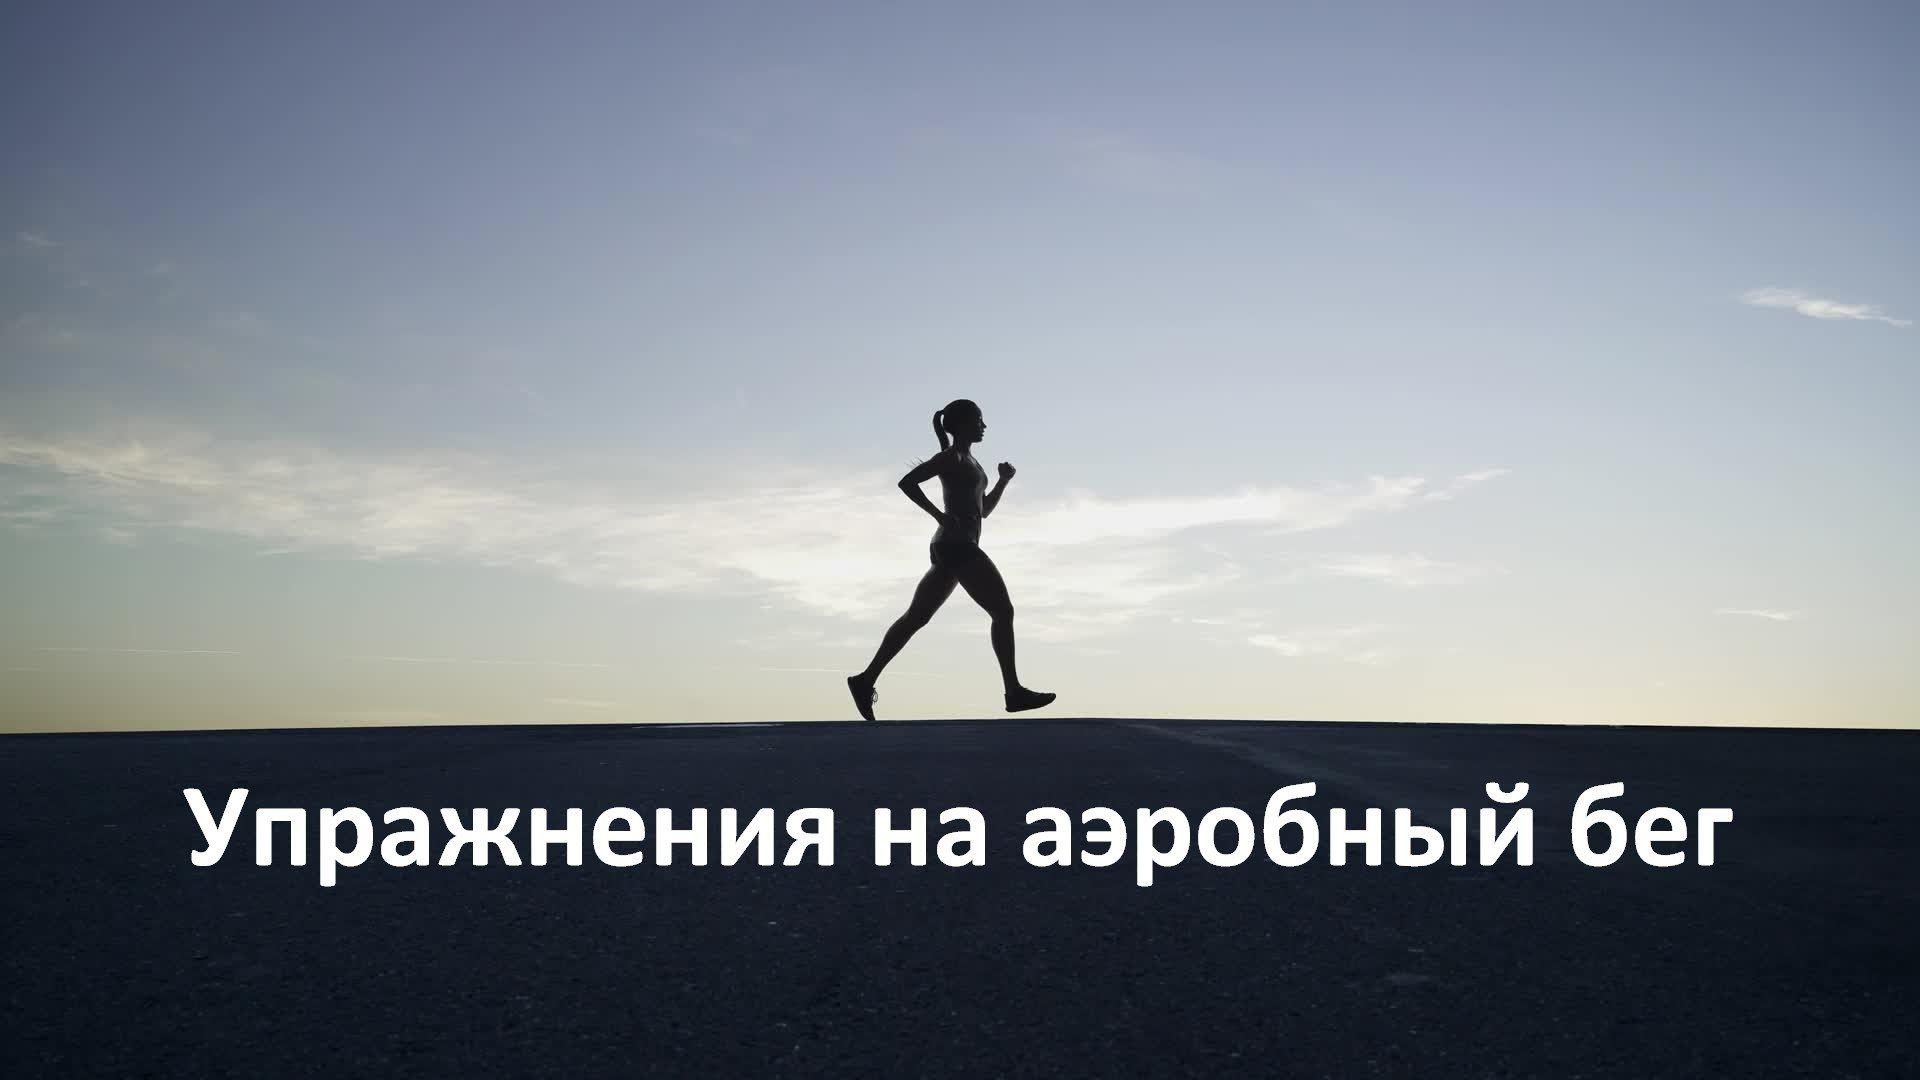 Упражнения на аэробный бег